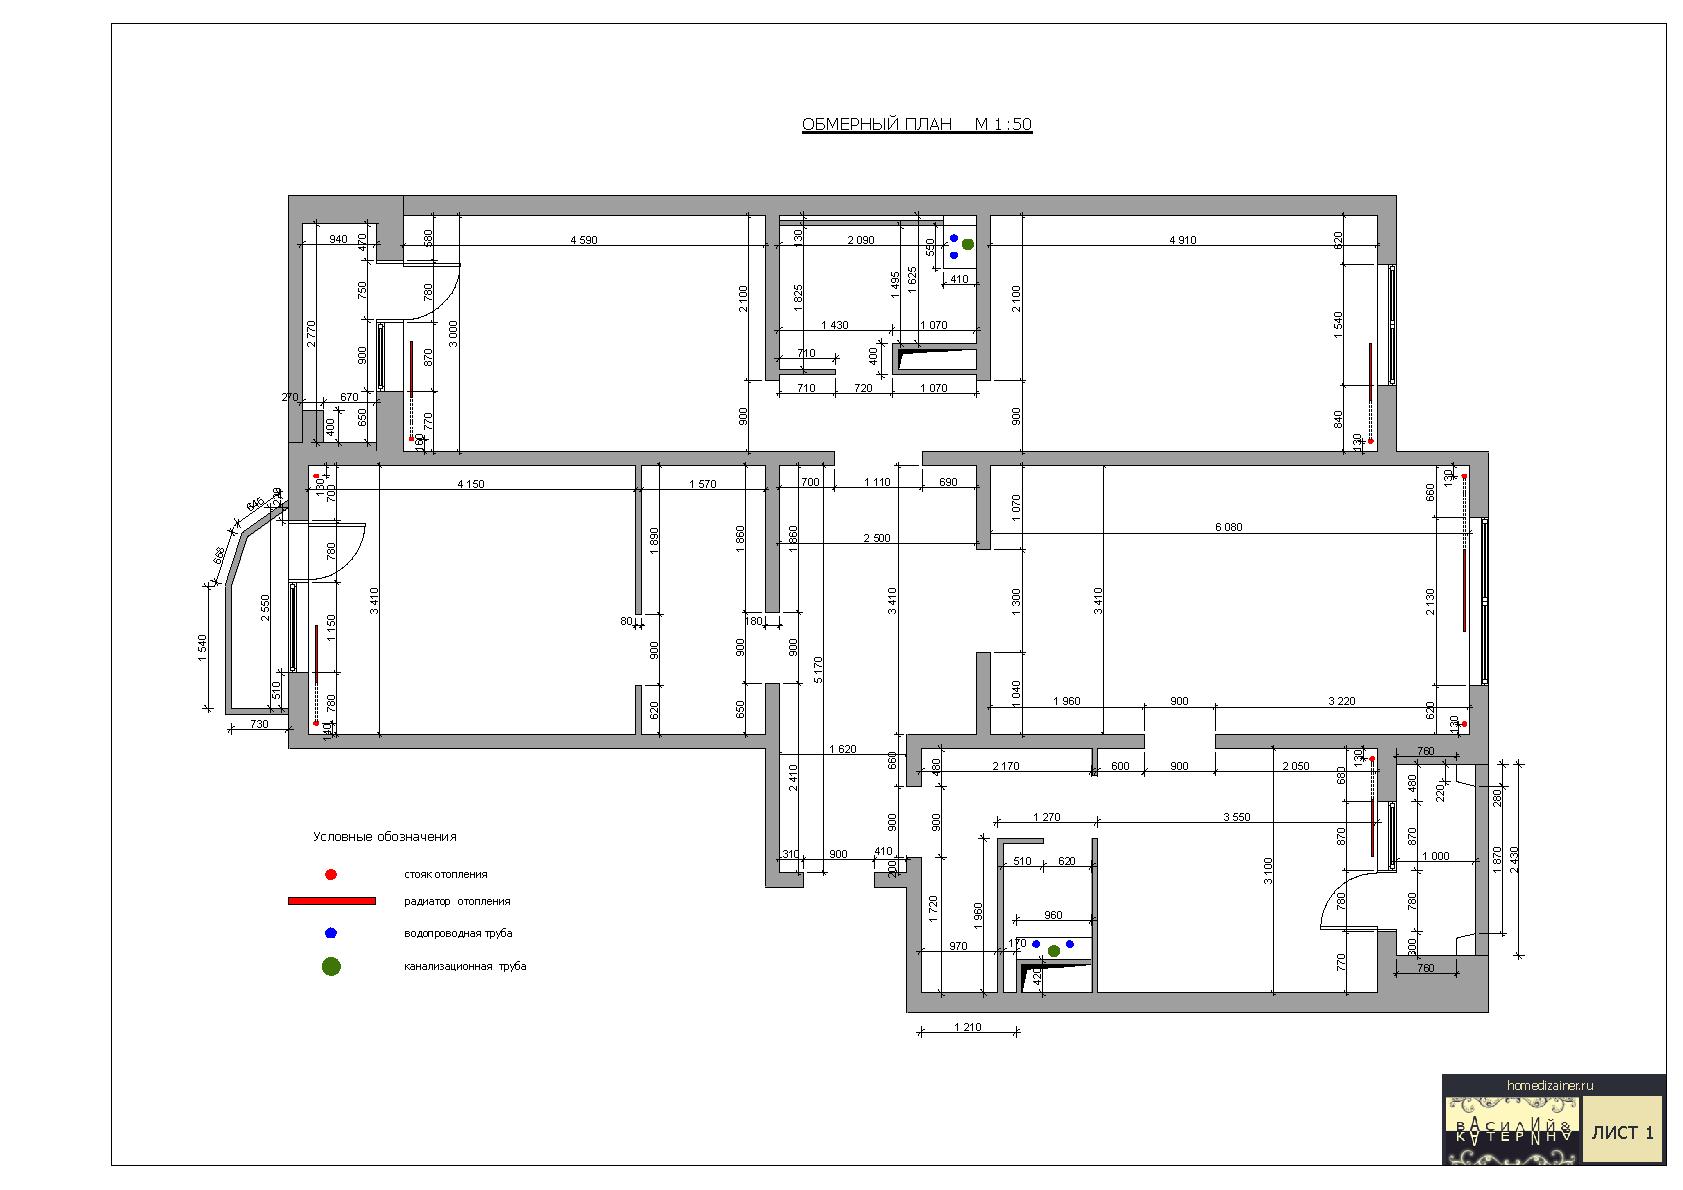 План схема помещения с обозначениями